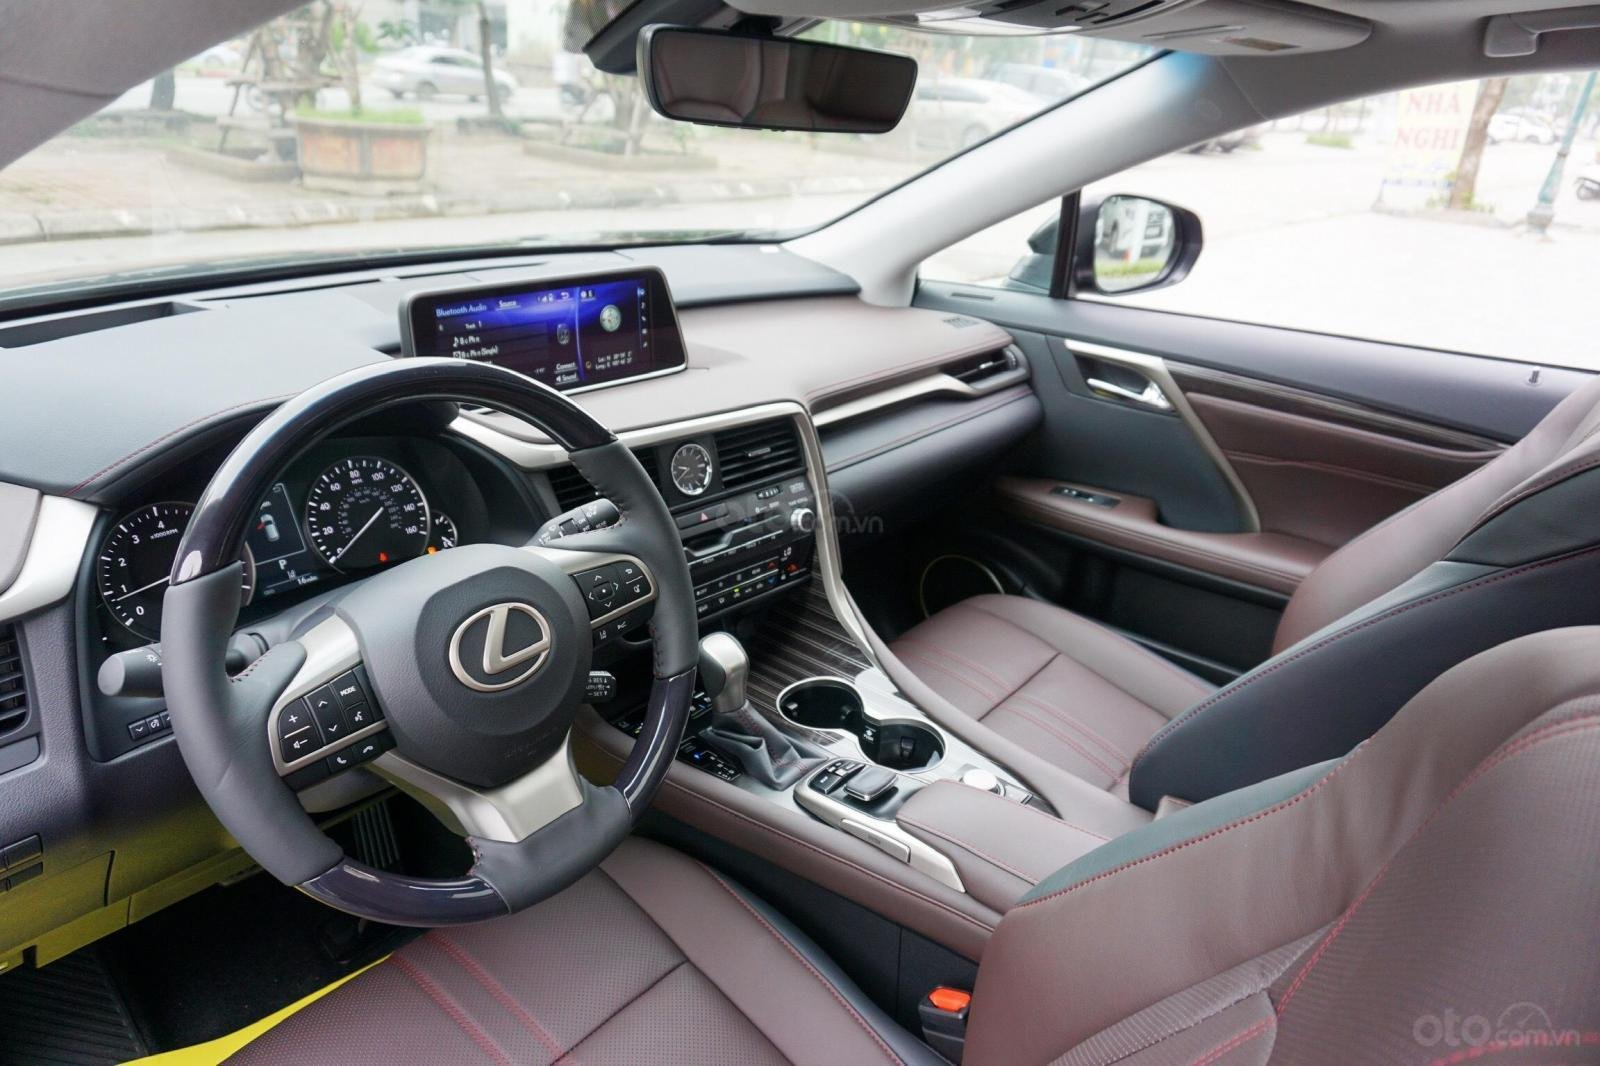 Bán ô tô Lexus RX 350 SX 2019, xe nhập Mỹ full kịch options, giá tốt, giao ngay toàn quốc, LH 093.996.2368 Ms Ngọc Vy (12)